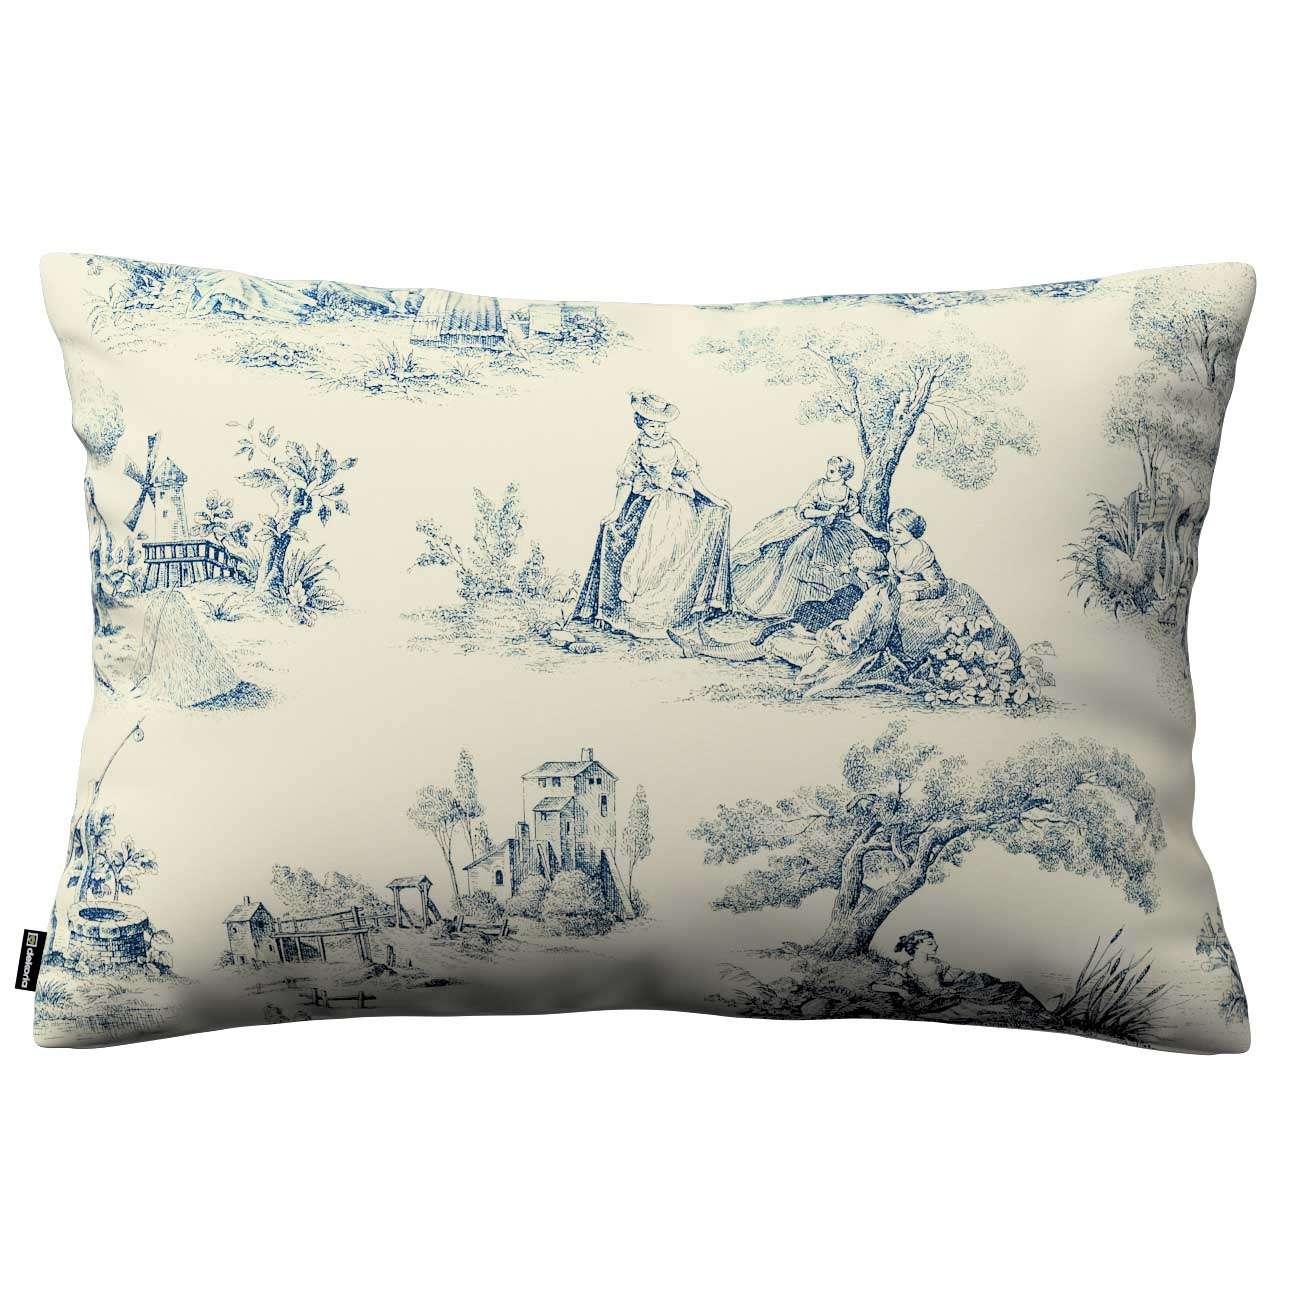 Kinga dekoratyvinės pagalvėlės užvalkalas 60x40cm 60x40cm kolekcijoje Avinon, audinys: 132-66